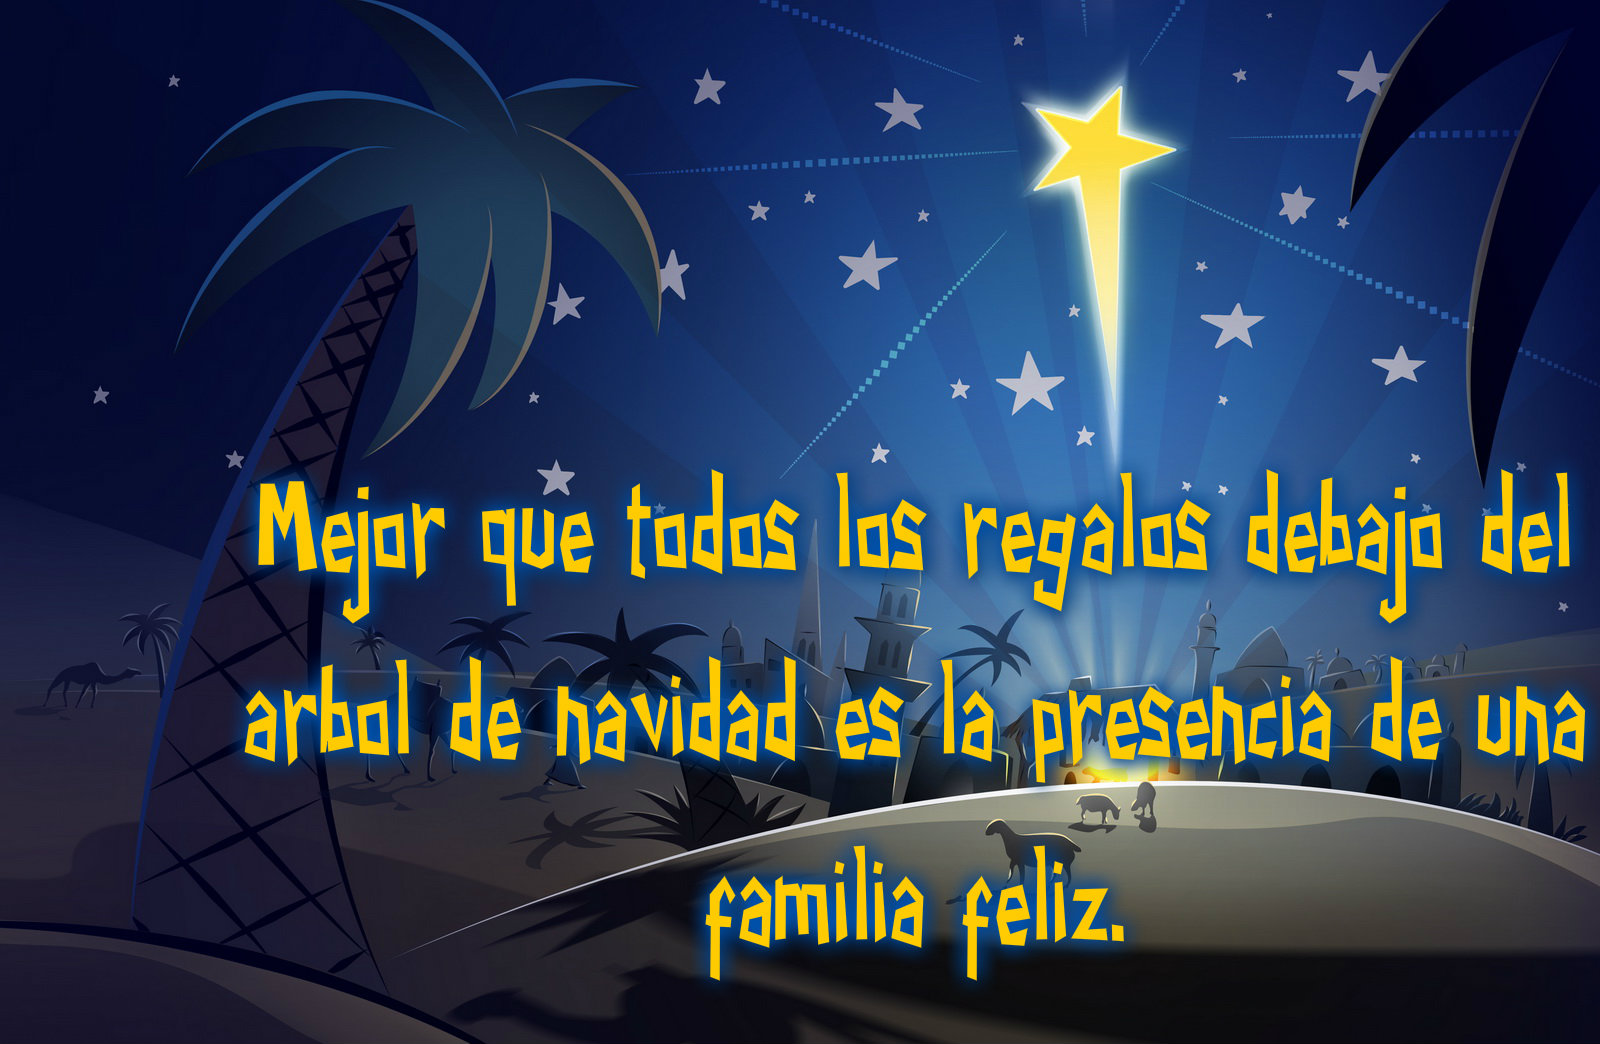 Frases de navidad imagenes de navidad - Navidad en familia frases ...